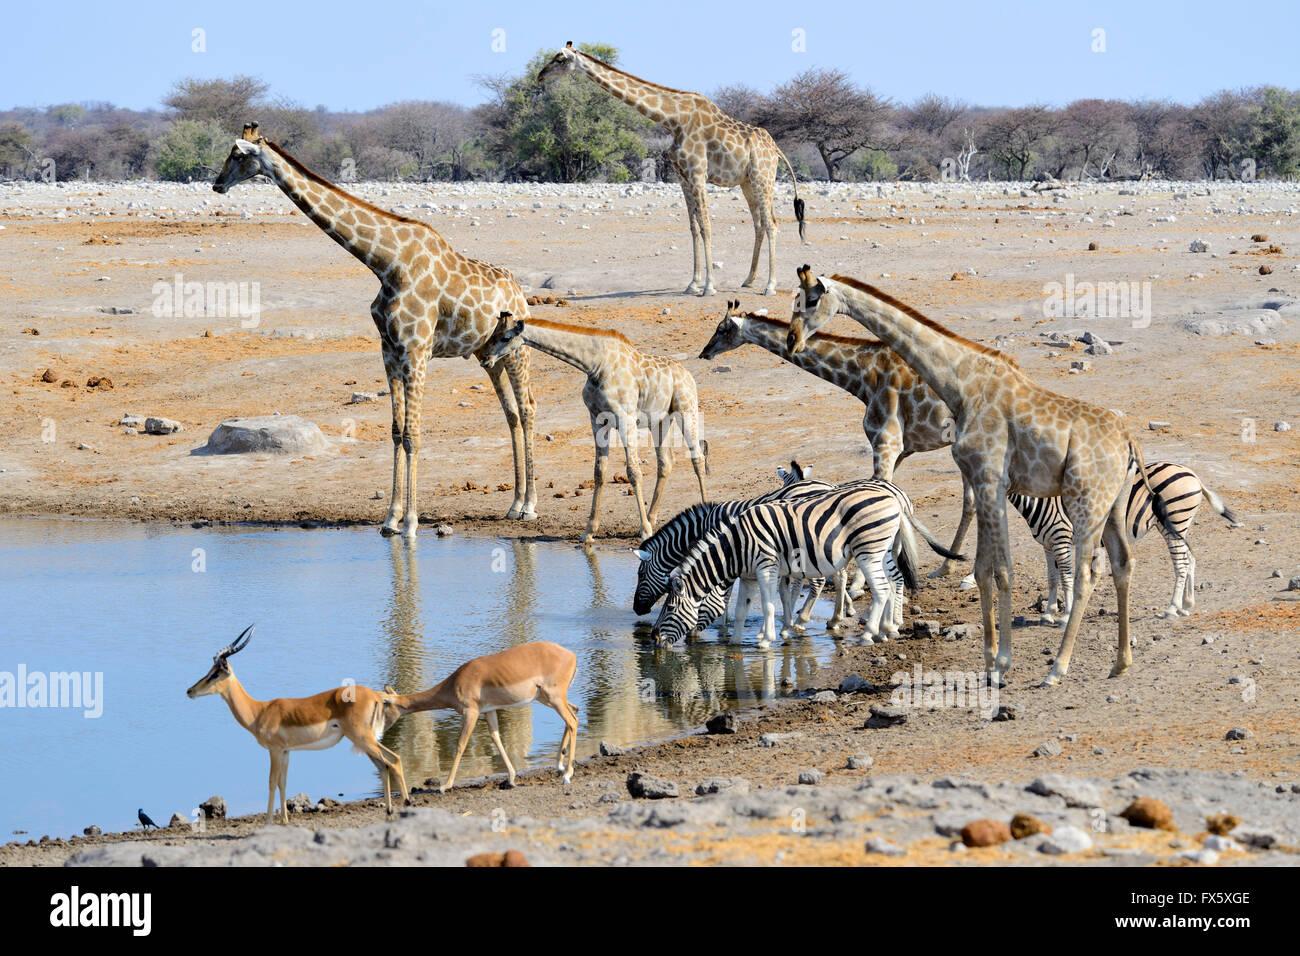 Giraffes, zebras and impala drinking at Chudop Waterhole in Etosha National Park, Namibia - Stock Image